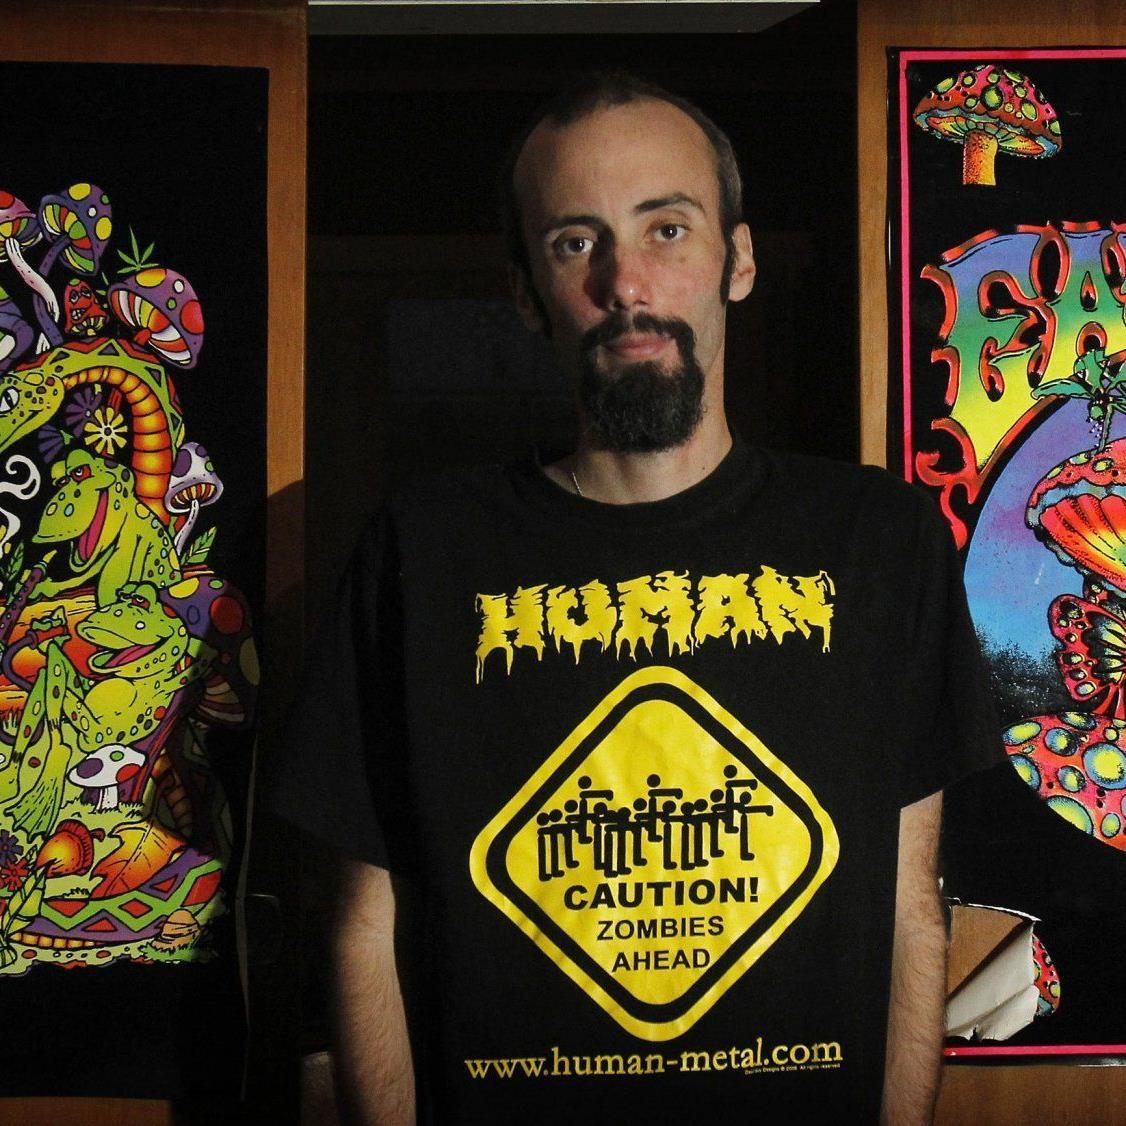 Dave Snell besuchte Konzerte, um das Umfeld der Headbanger zu studieren.